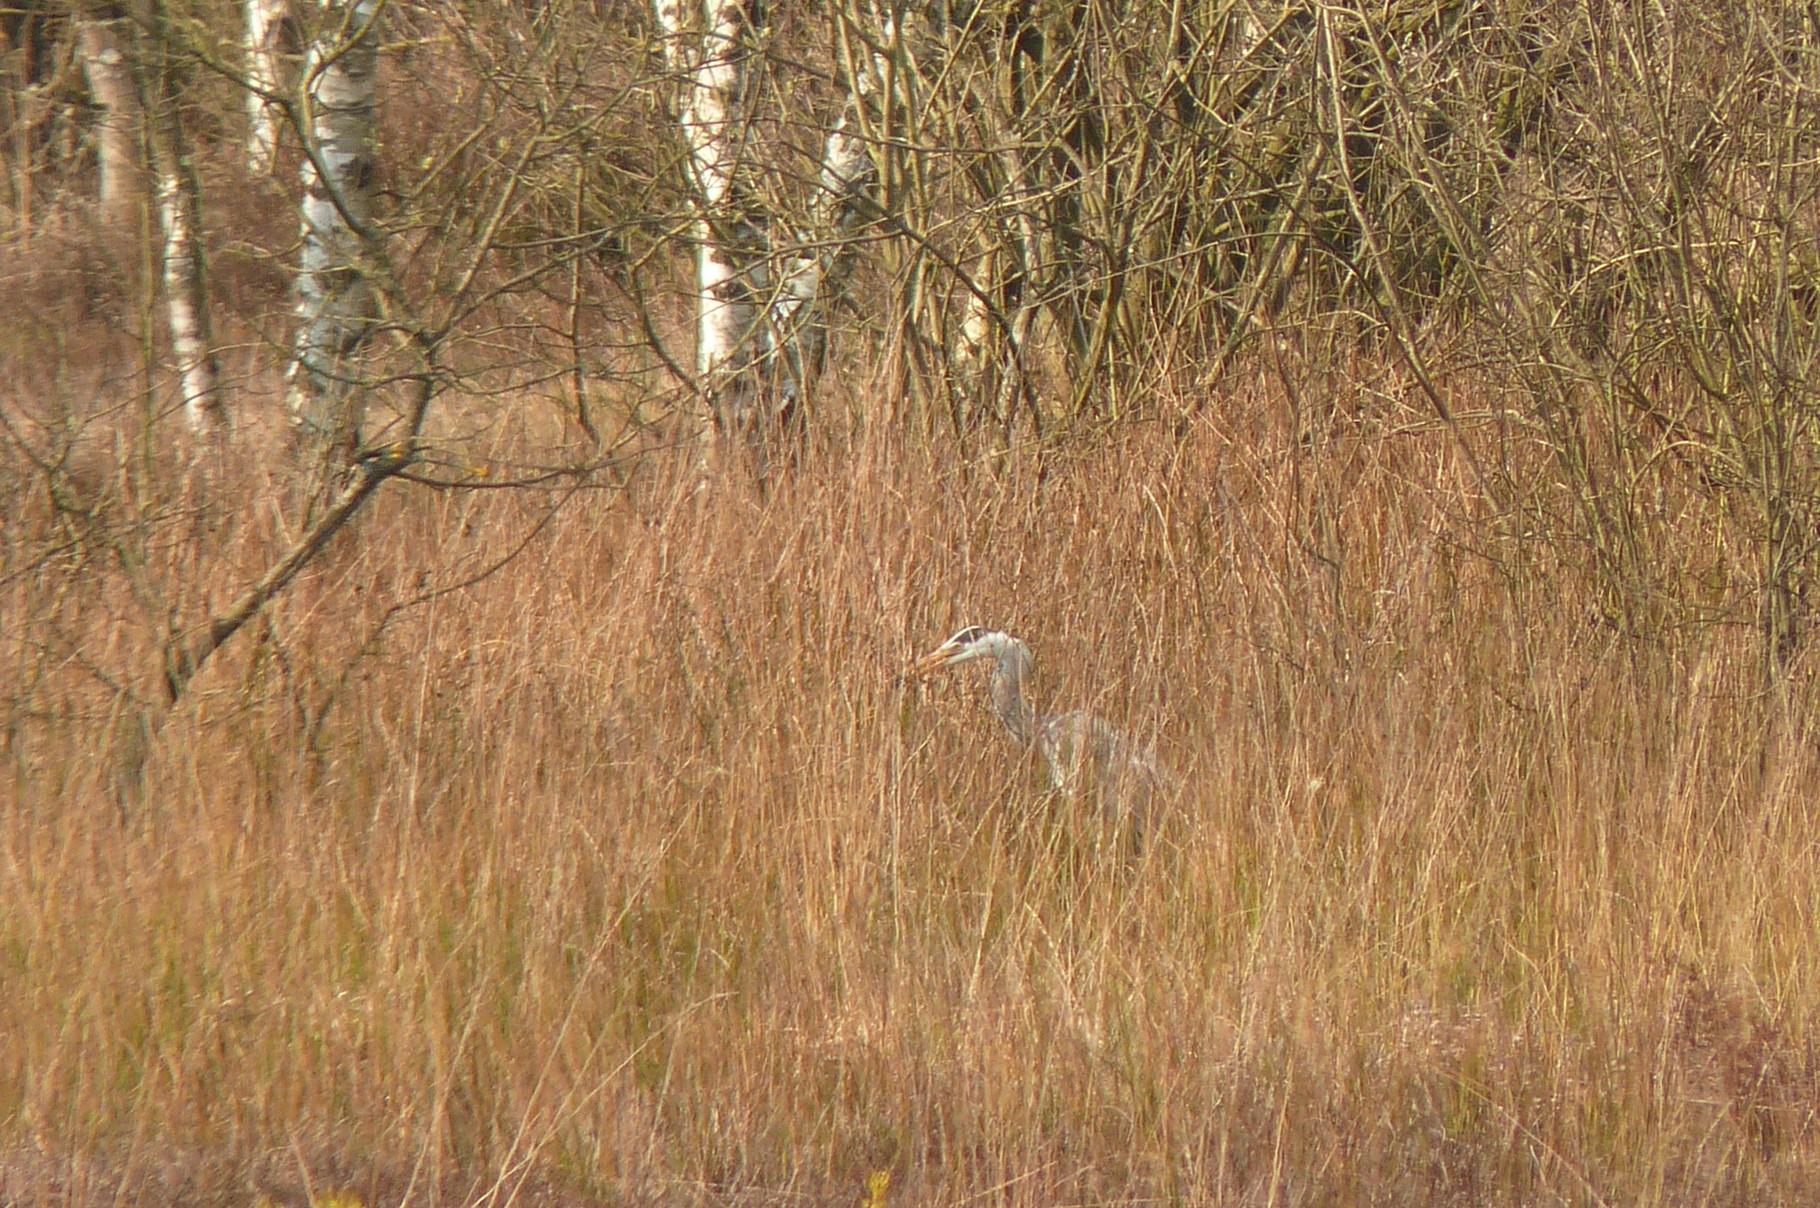 Ein Graureiher im Unterholz